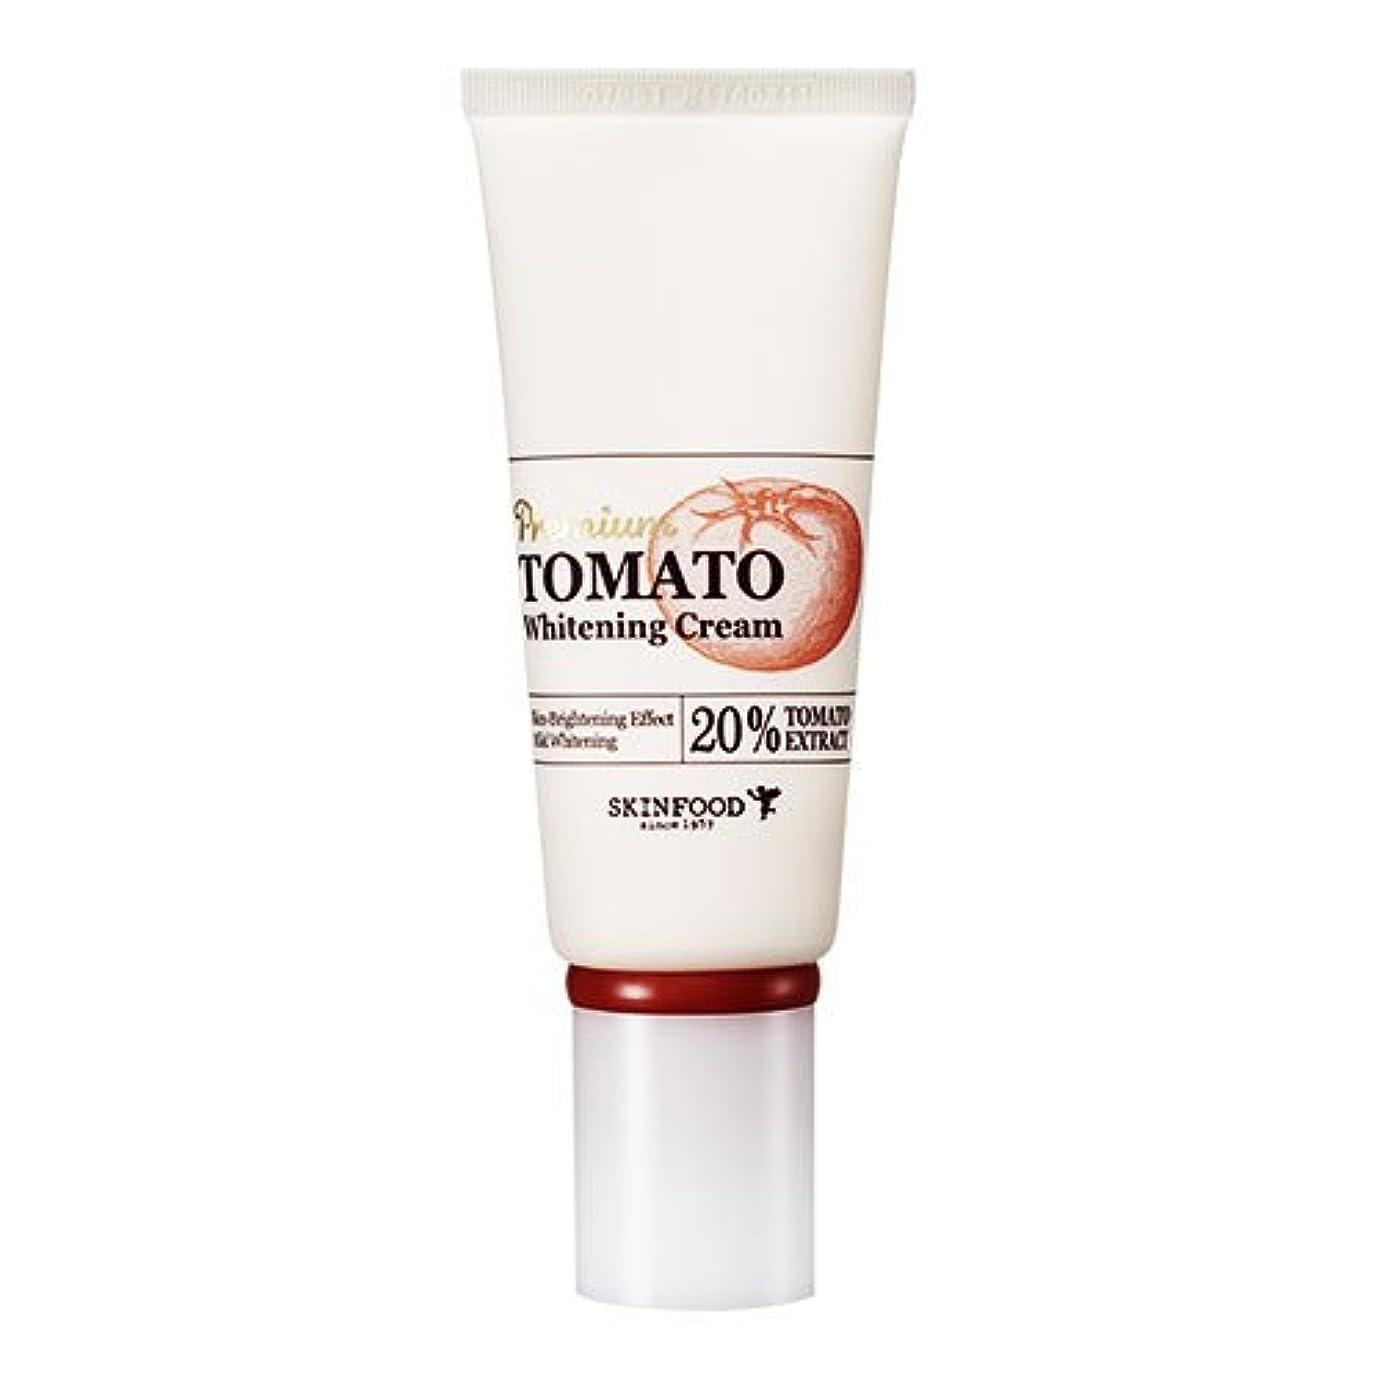 同行エクスタシーお手入れSkinfood プレミアムトマトホワイトニングクリーム(美白効果) / Premium Tomato Whitening Cream (Skin-Brightening Effect) 50g [並行輸入品]